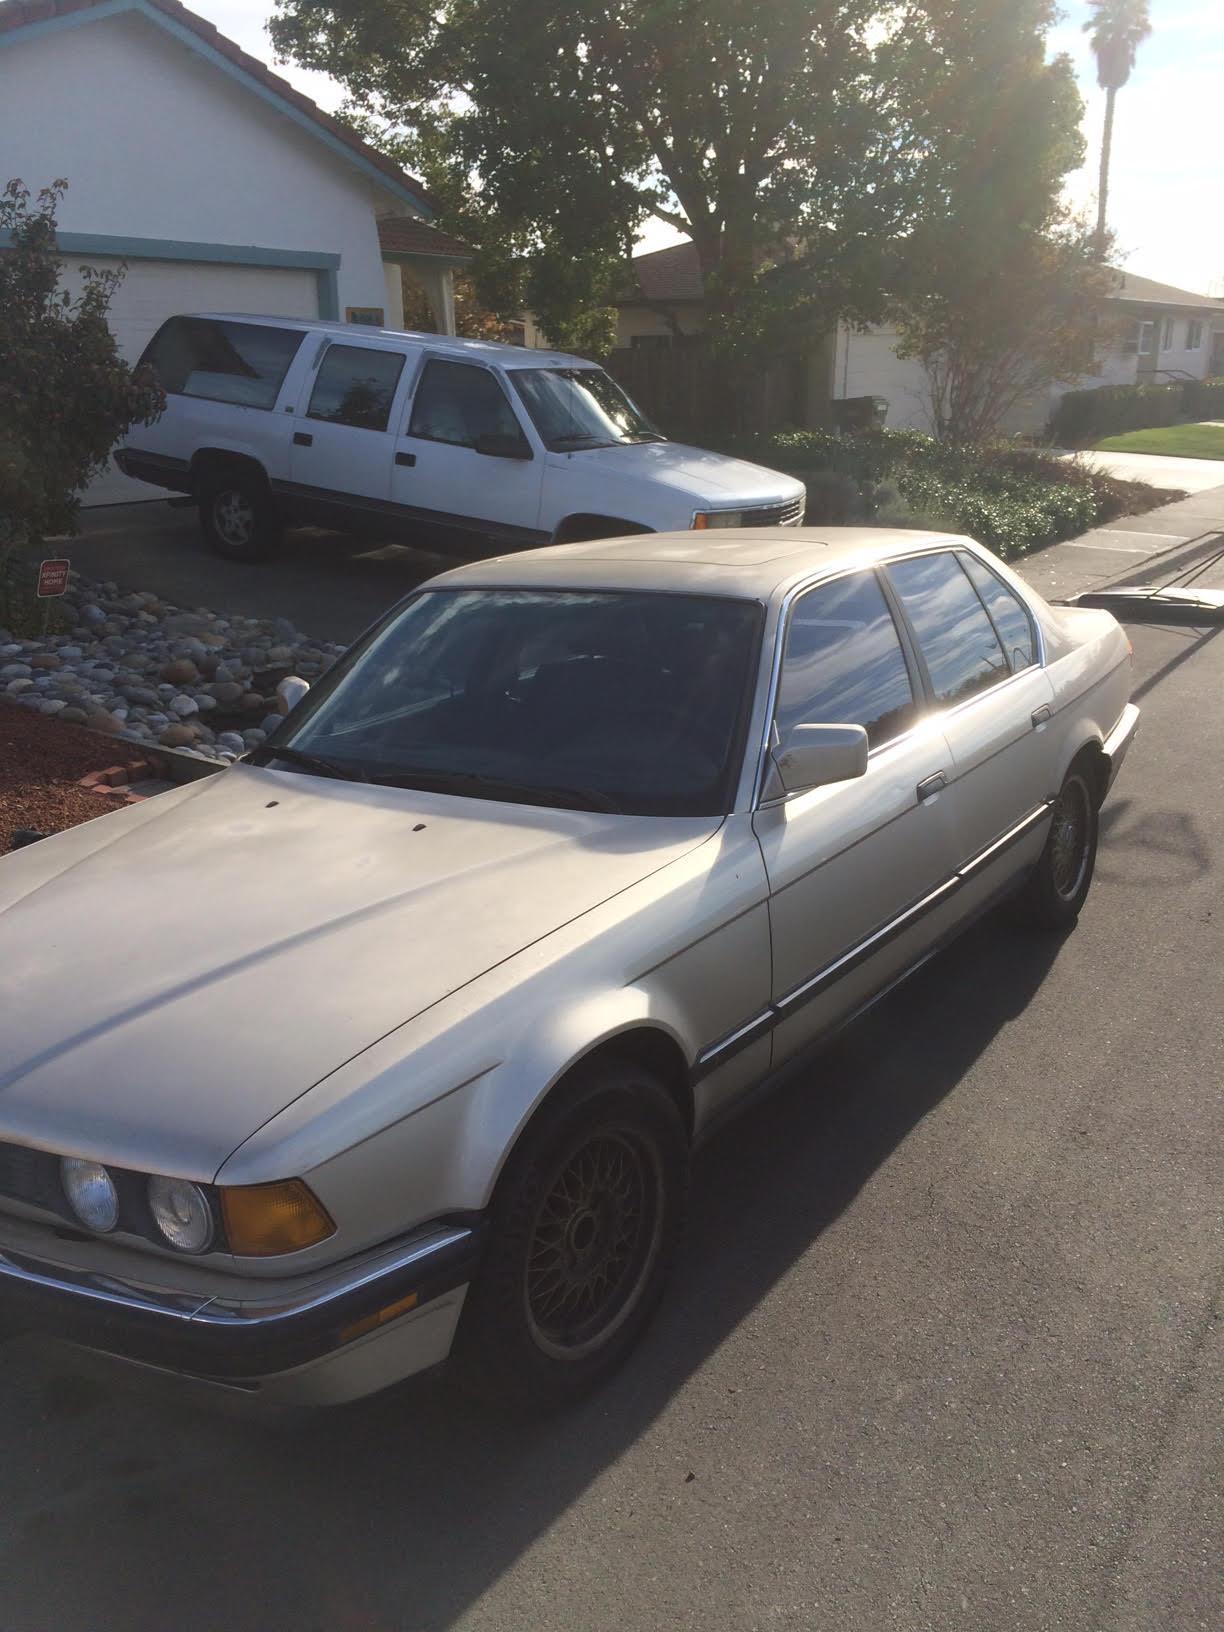 Craigslist Lewiston Idaho Cars